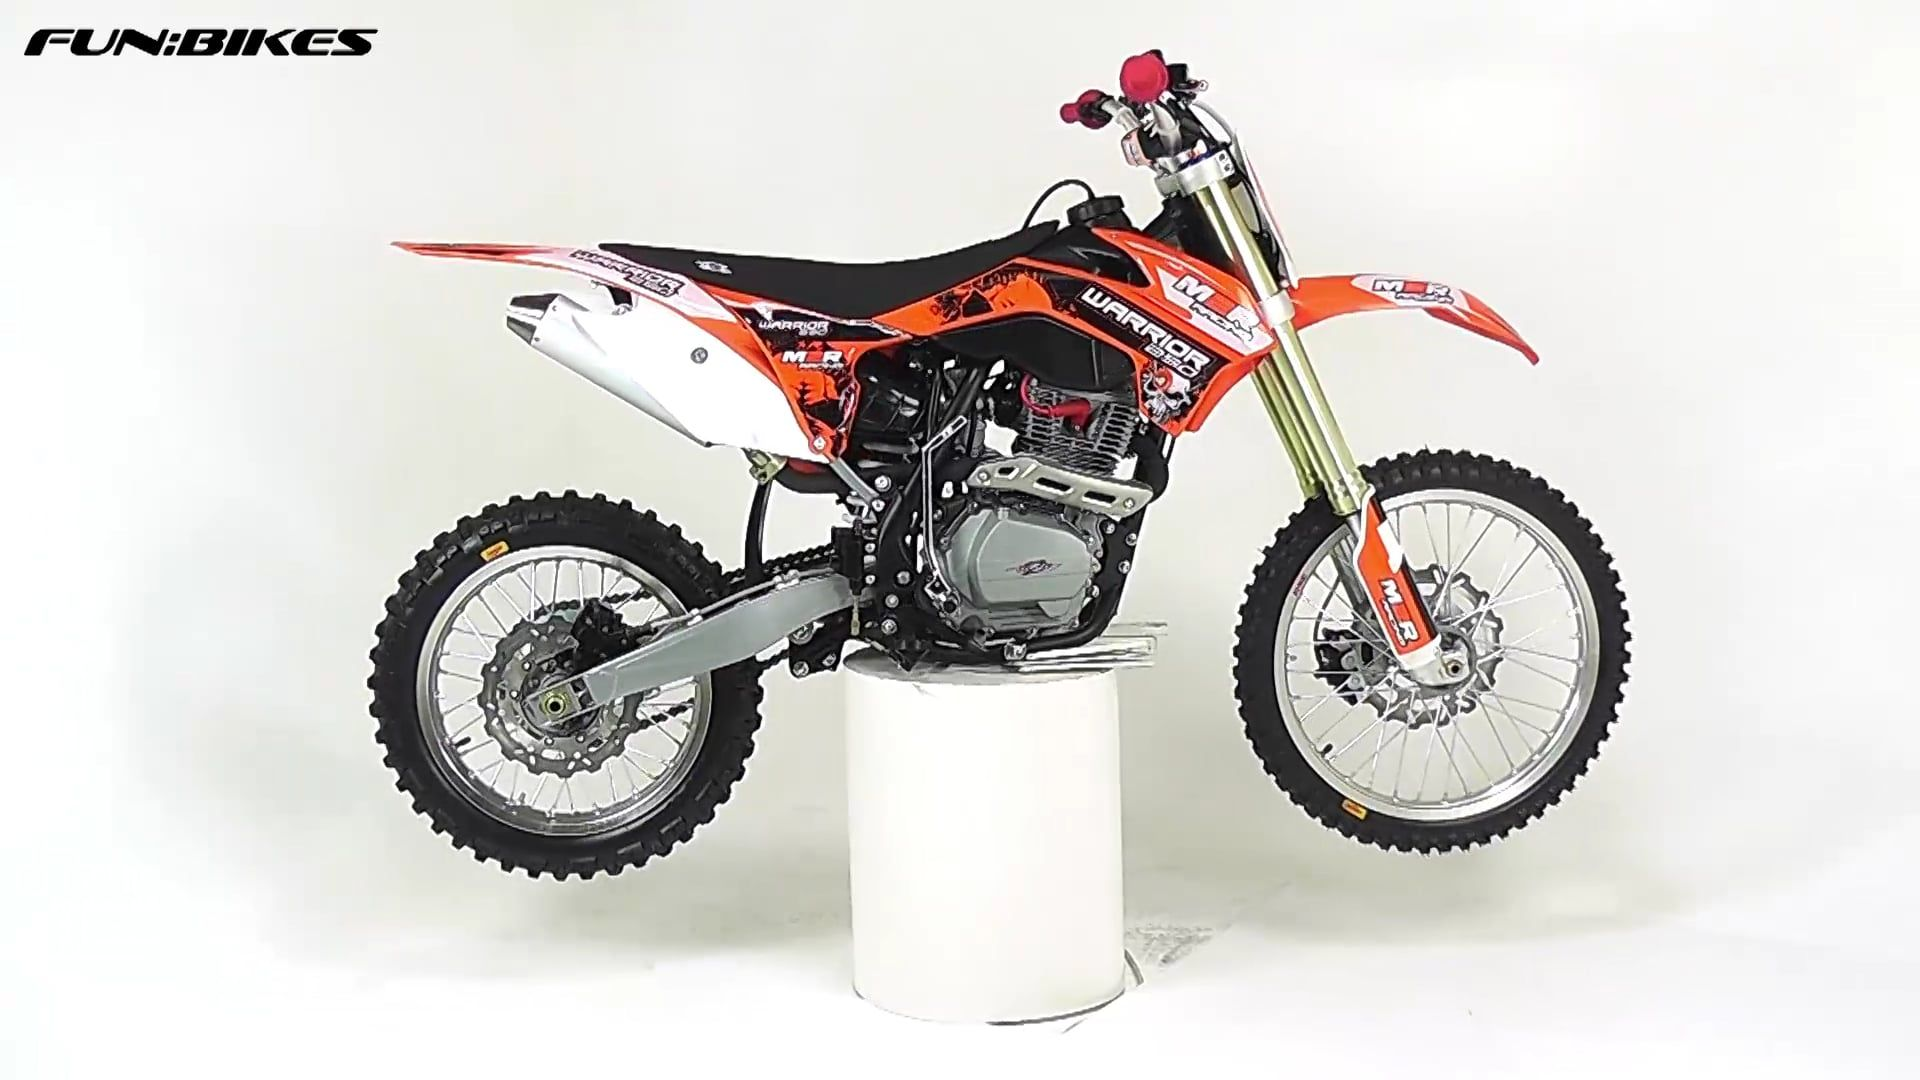 M2r Racing Warrior J1 250cc 21 18 96cm Dirt Bike Bikes 2006 Honda 50cc Pit